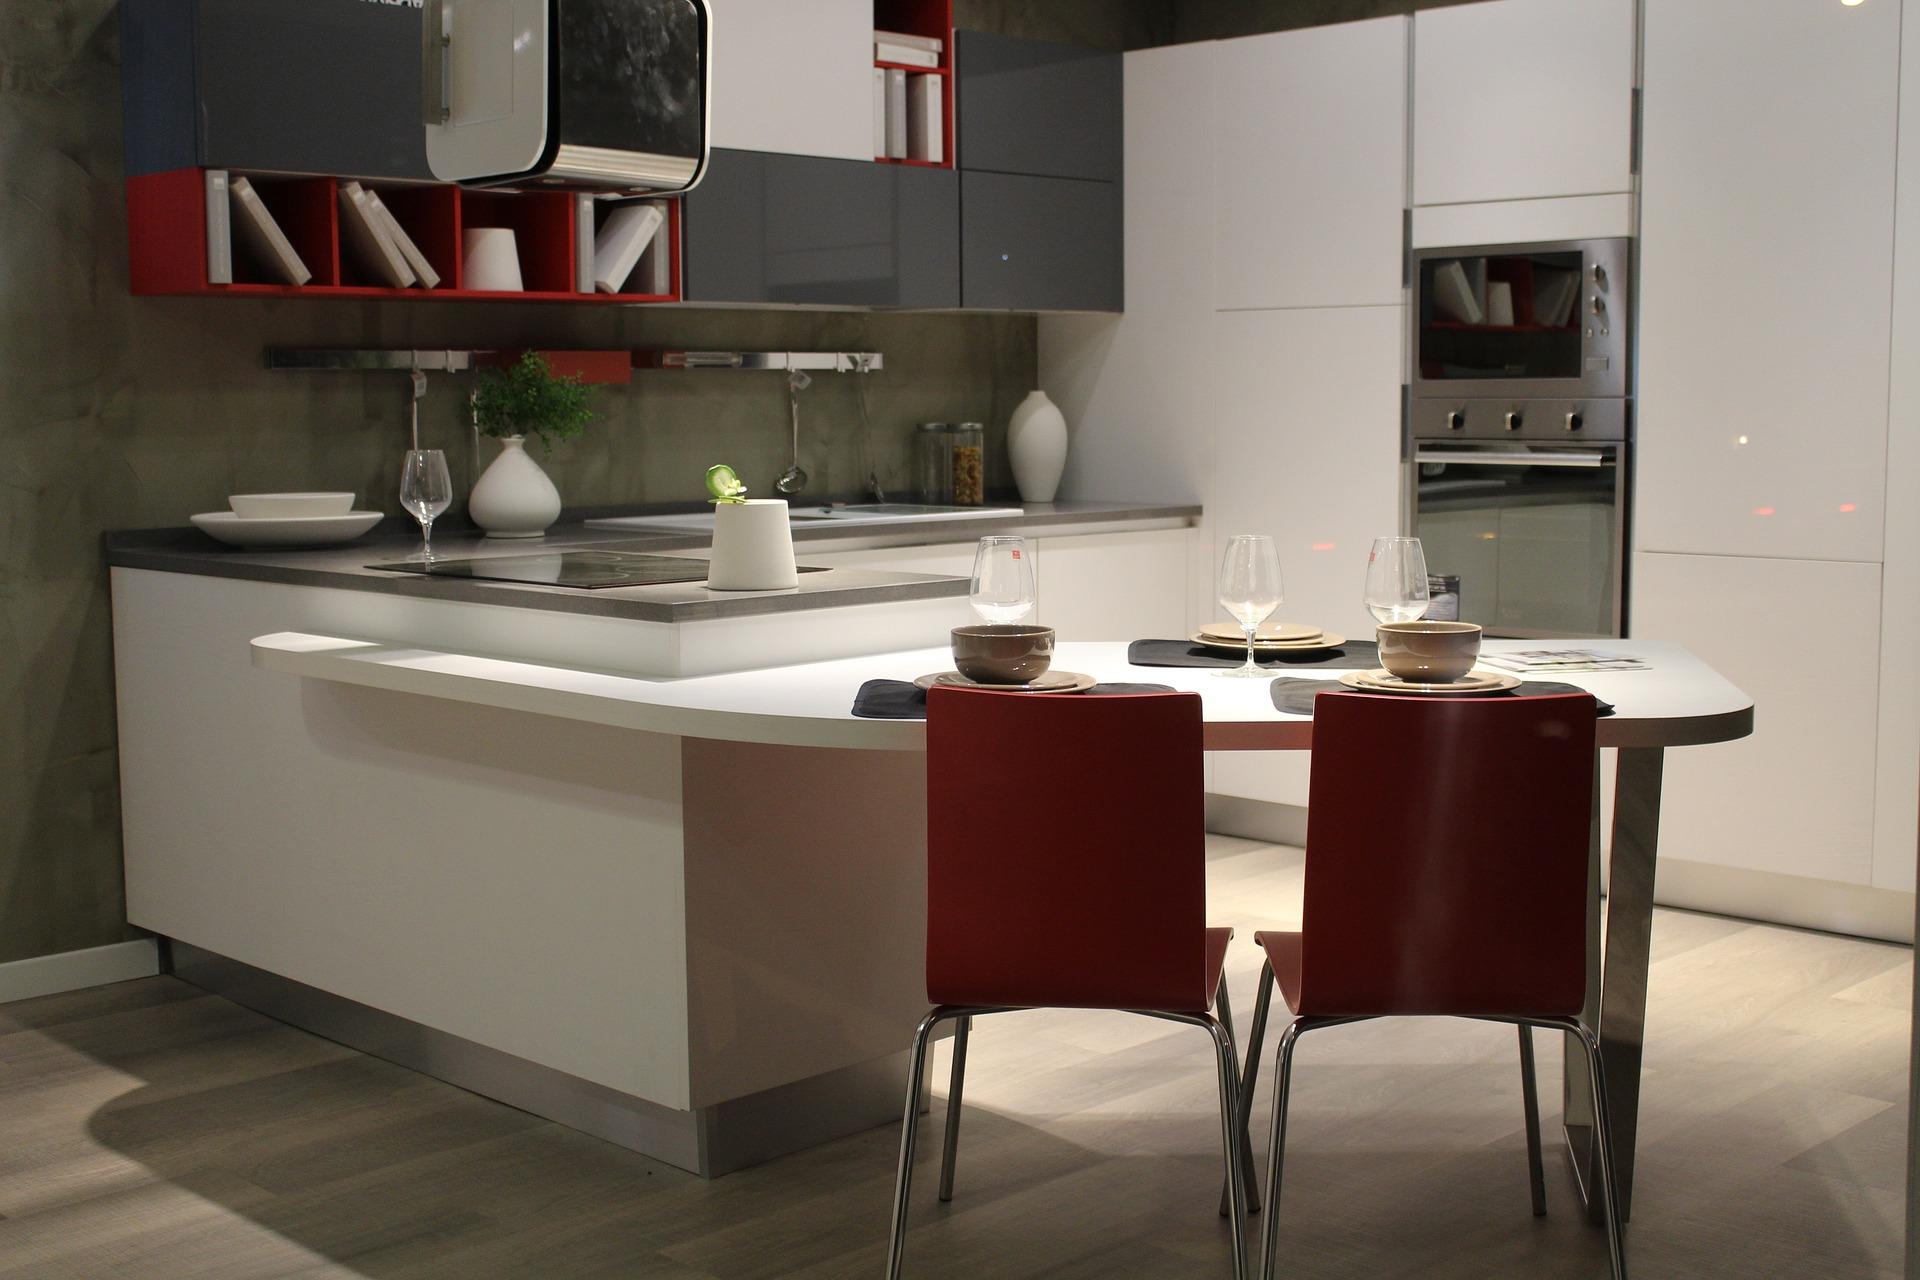 Küche aufpeppen: Alte Möbel neu in Szene setzen | leisten-outlet